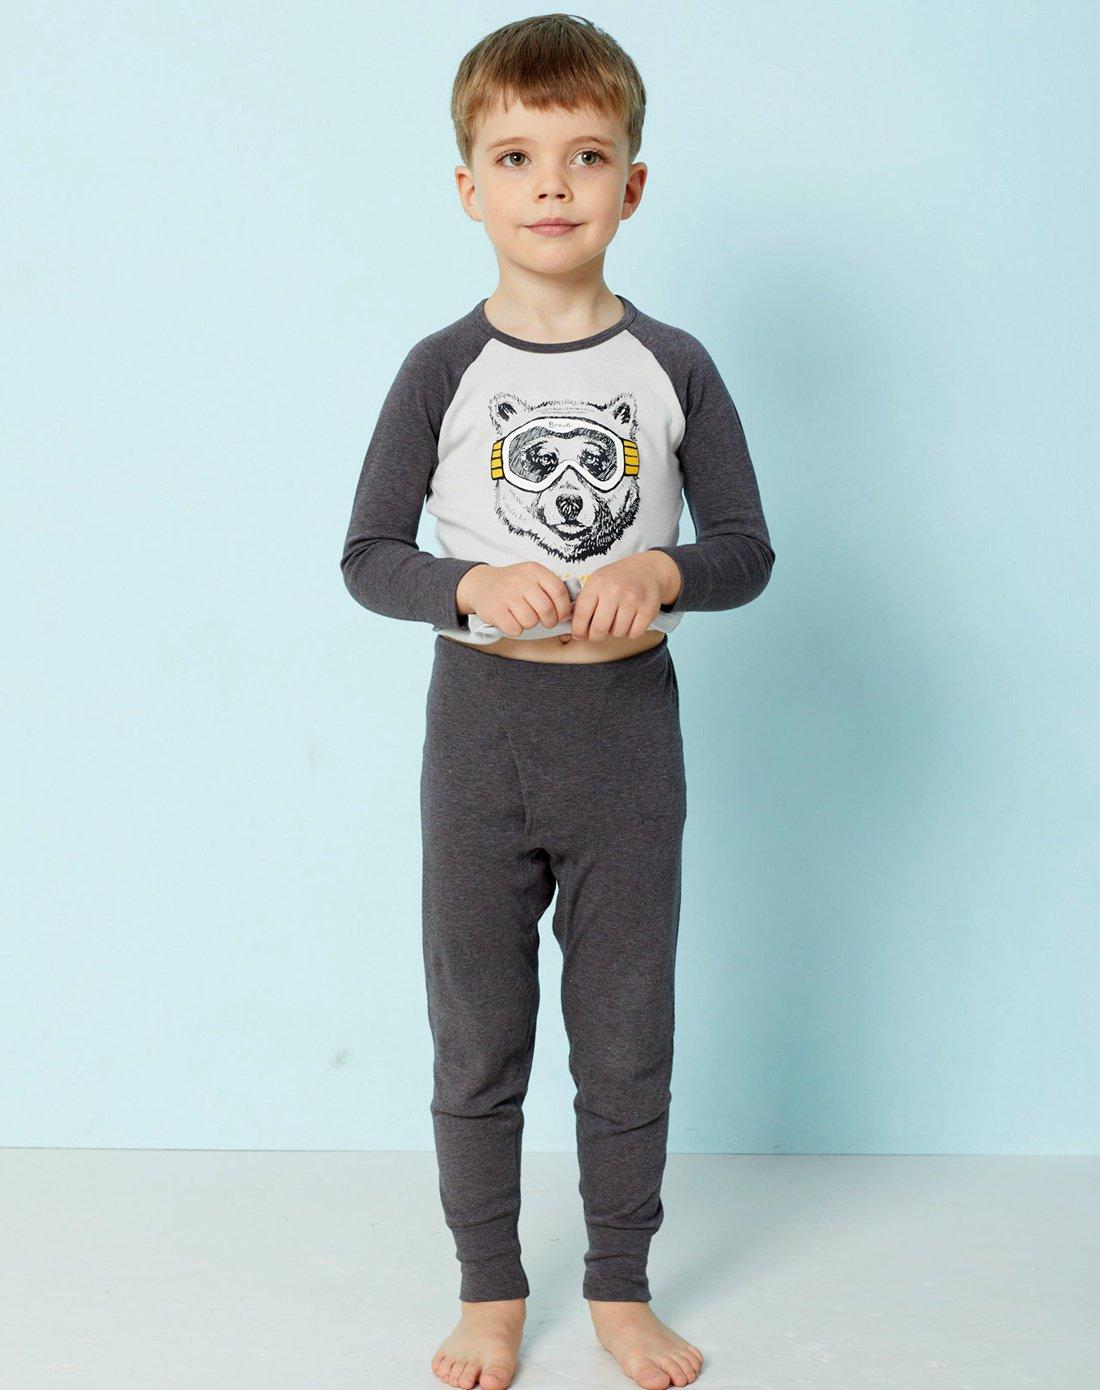 AIMER KIDS爱慕儿童酷玩熊秋裤长裤男童保暖儿童内衣AK273T82-59G